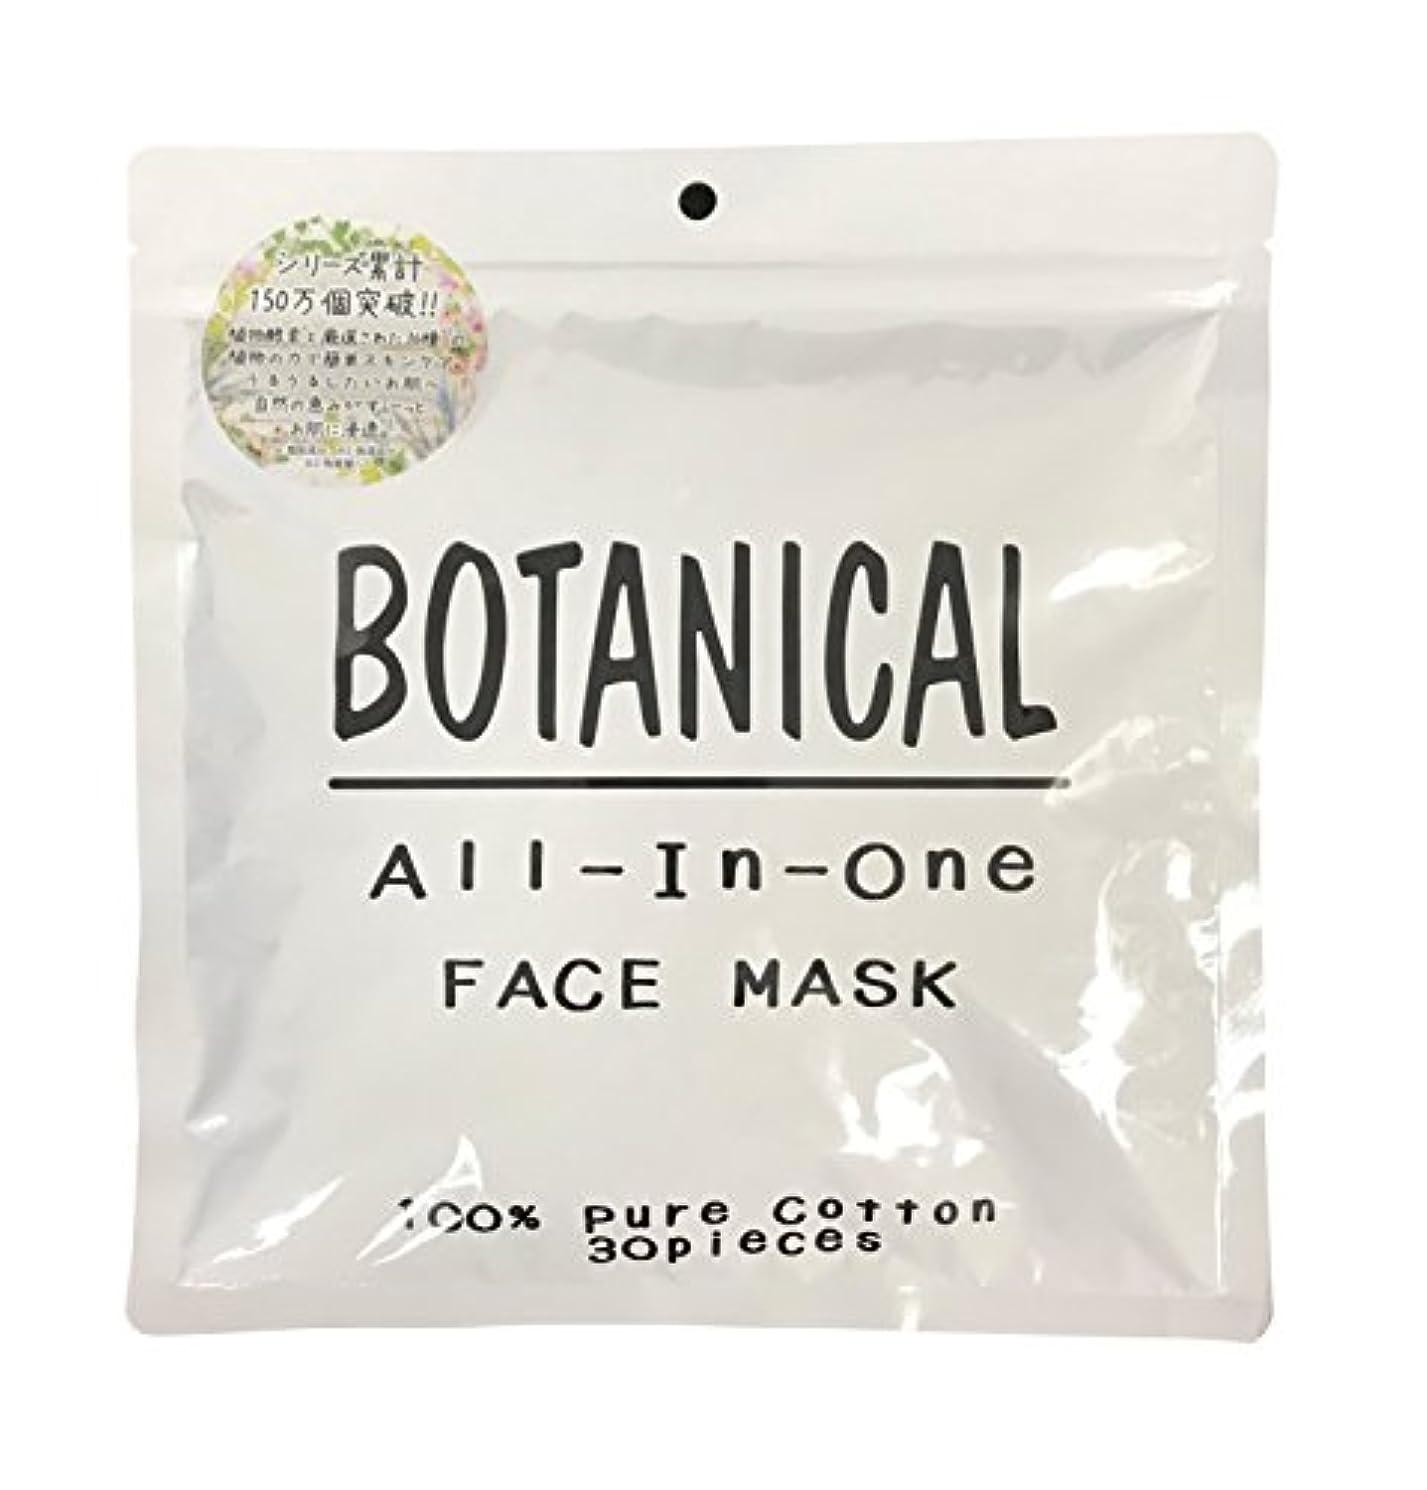 鋼害虫パワーボタニカル(BOTANICAL) オールインワン フェイスマスク 30枚入